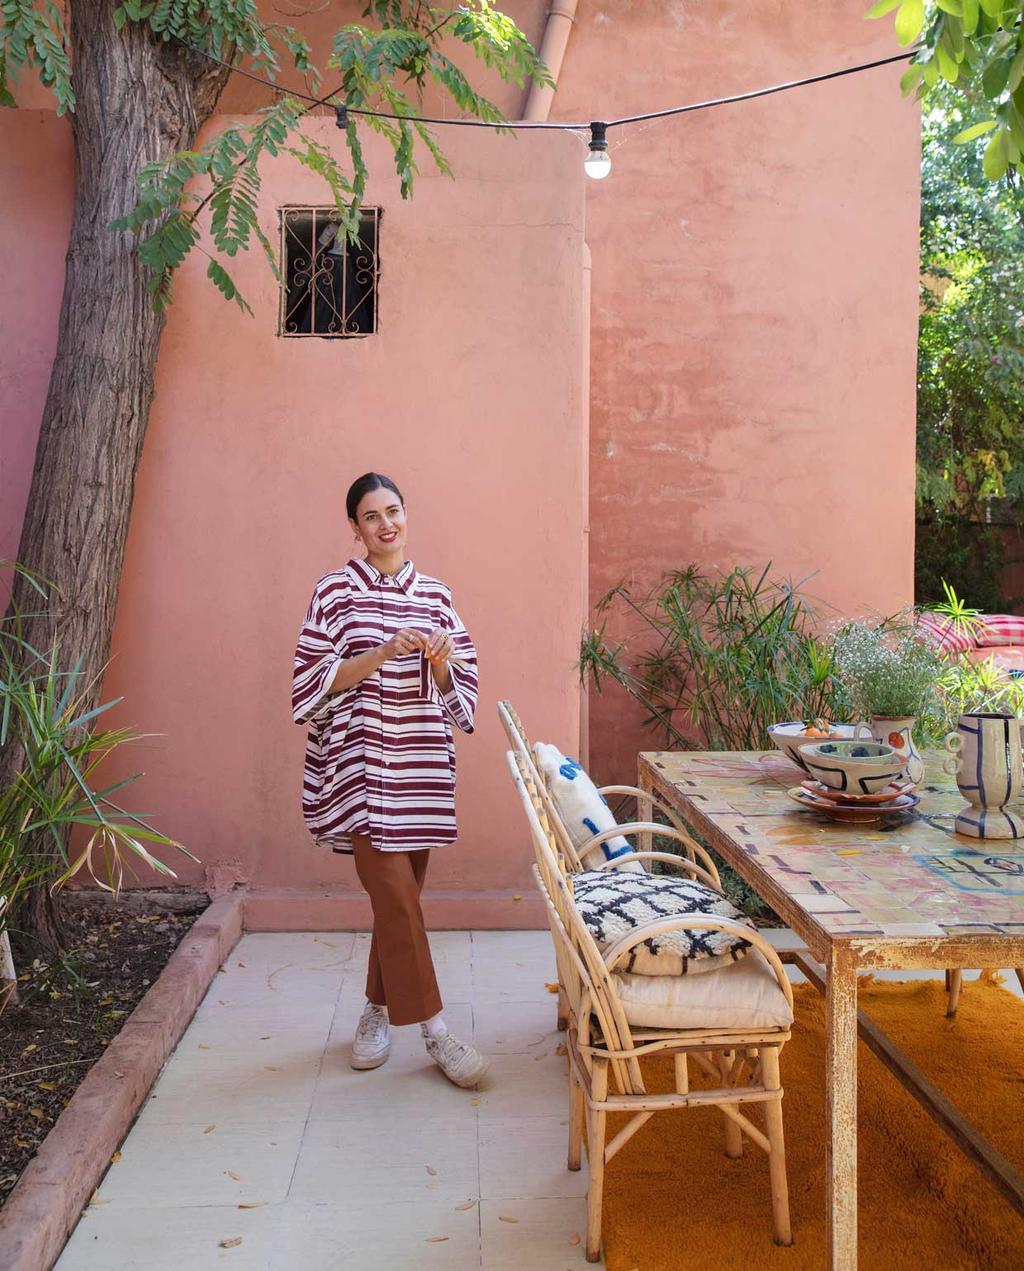 vtwonen 2020-09 | kijkkamer Marrakech | Laurence in de tuin